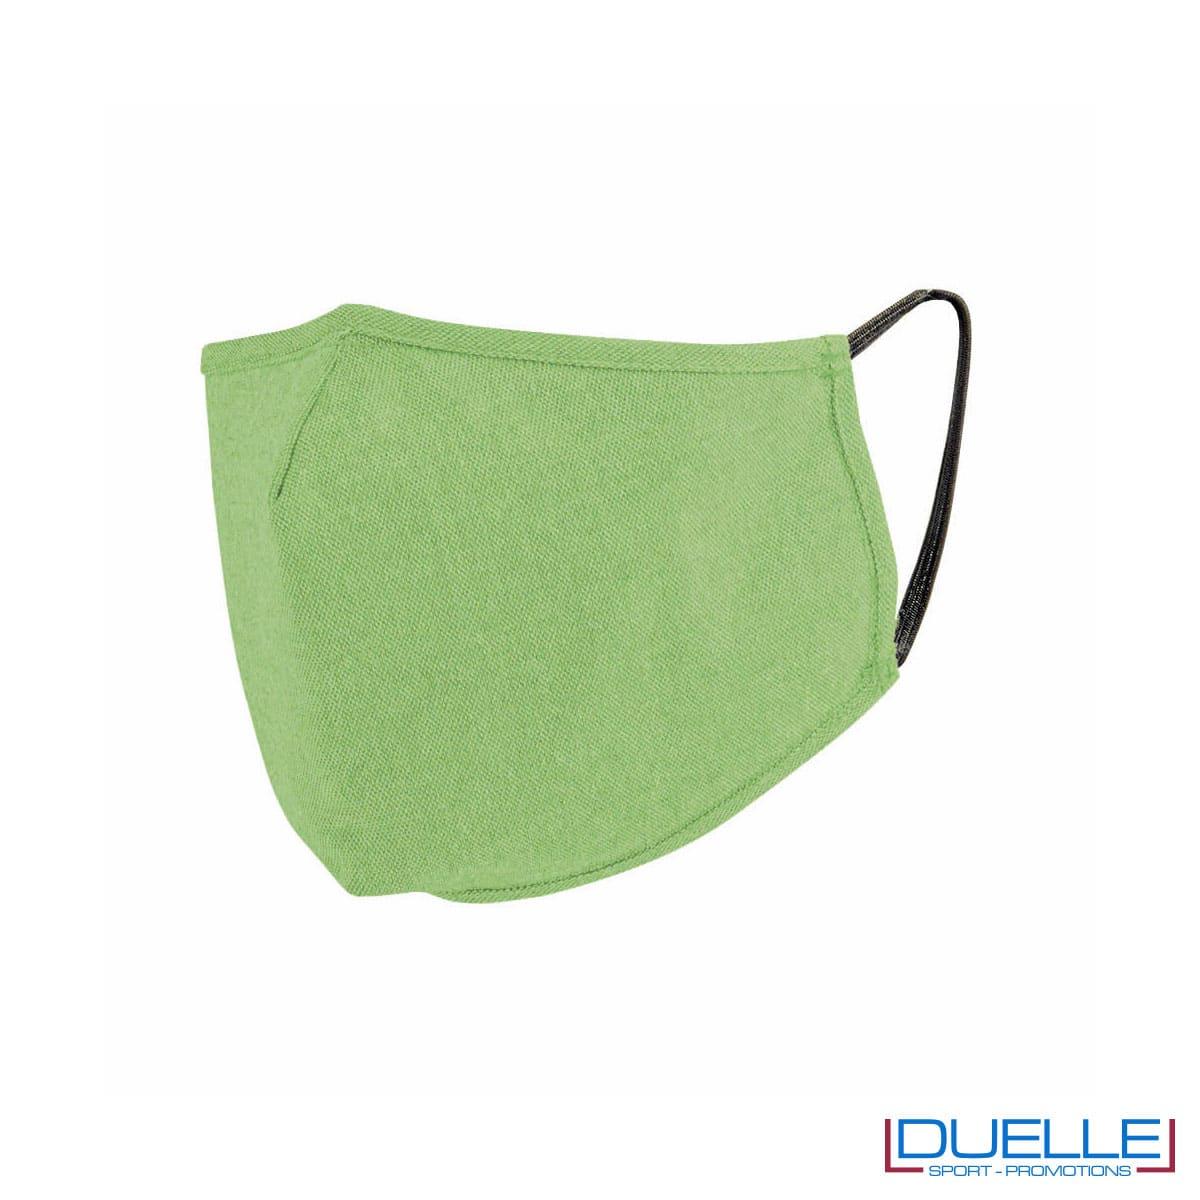 Mascherina protettiva triplo strato lavabile in cotone riciclato colore verde